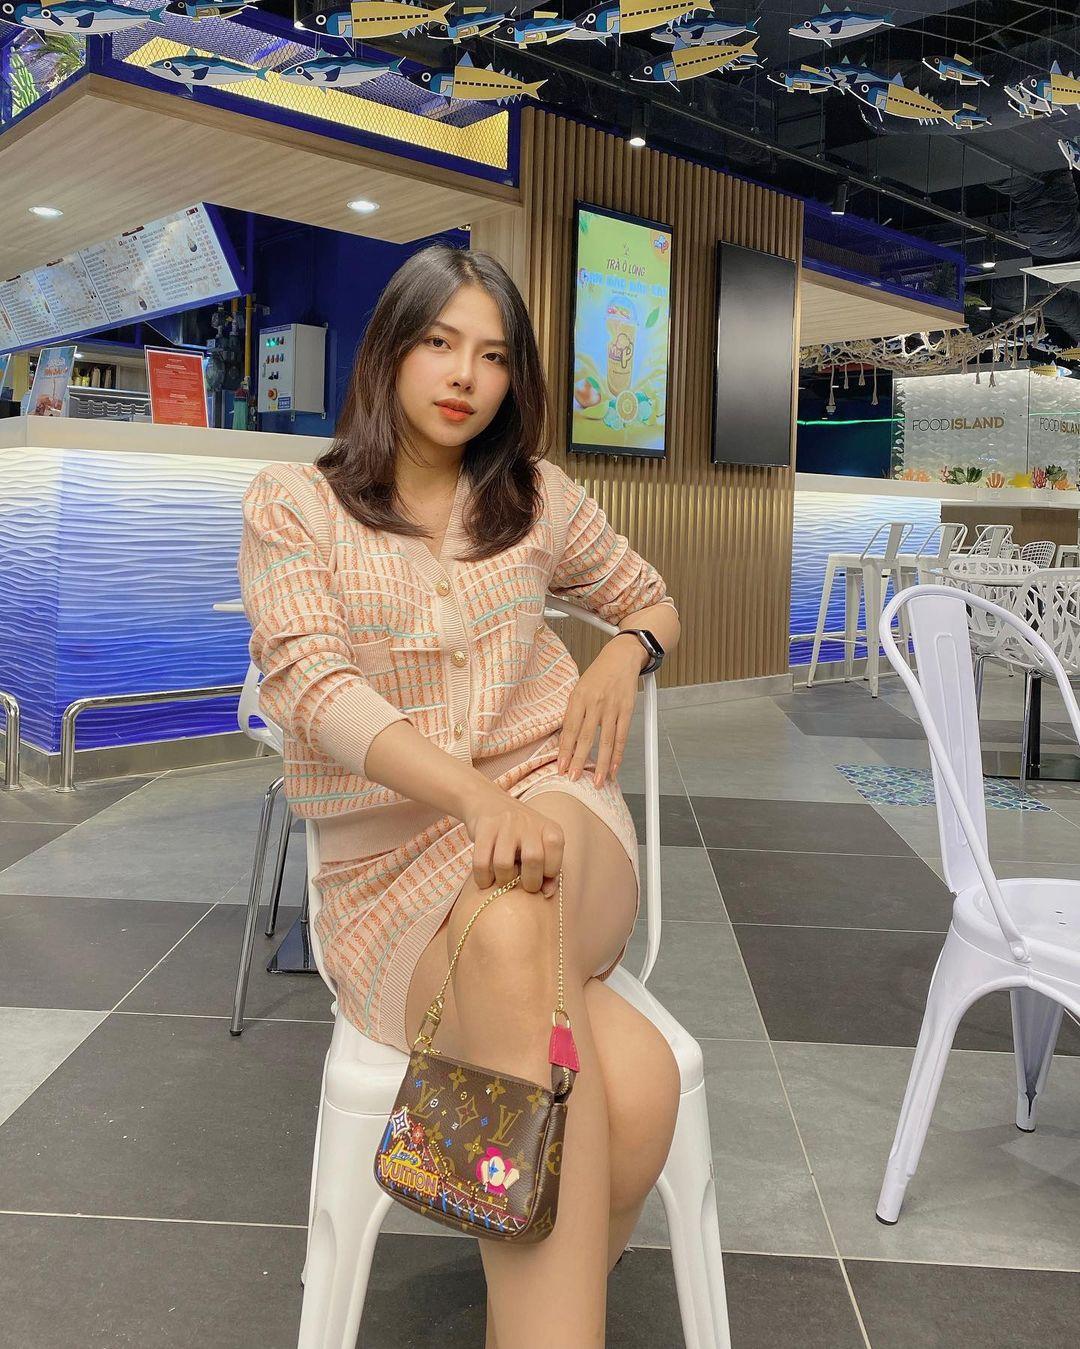 Lên cô dâu xinh đẹp xuất sắc, ngoài đời vợ của Phan Mạnh Quỳnh còn là quý cô hàng hiệu, mỗi ngày diện một chiếc túi xa xỉ đụng hàng cả dàn sao Vbiz - Ảnh 10.